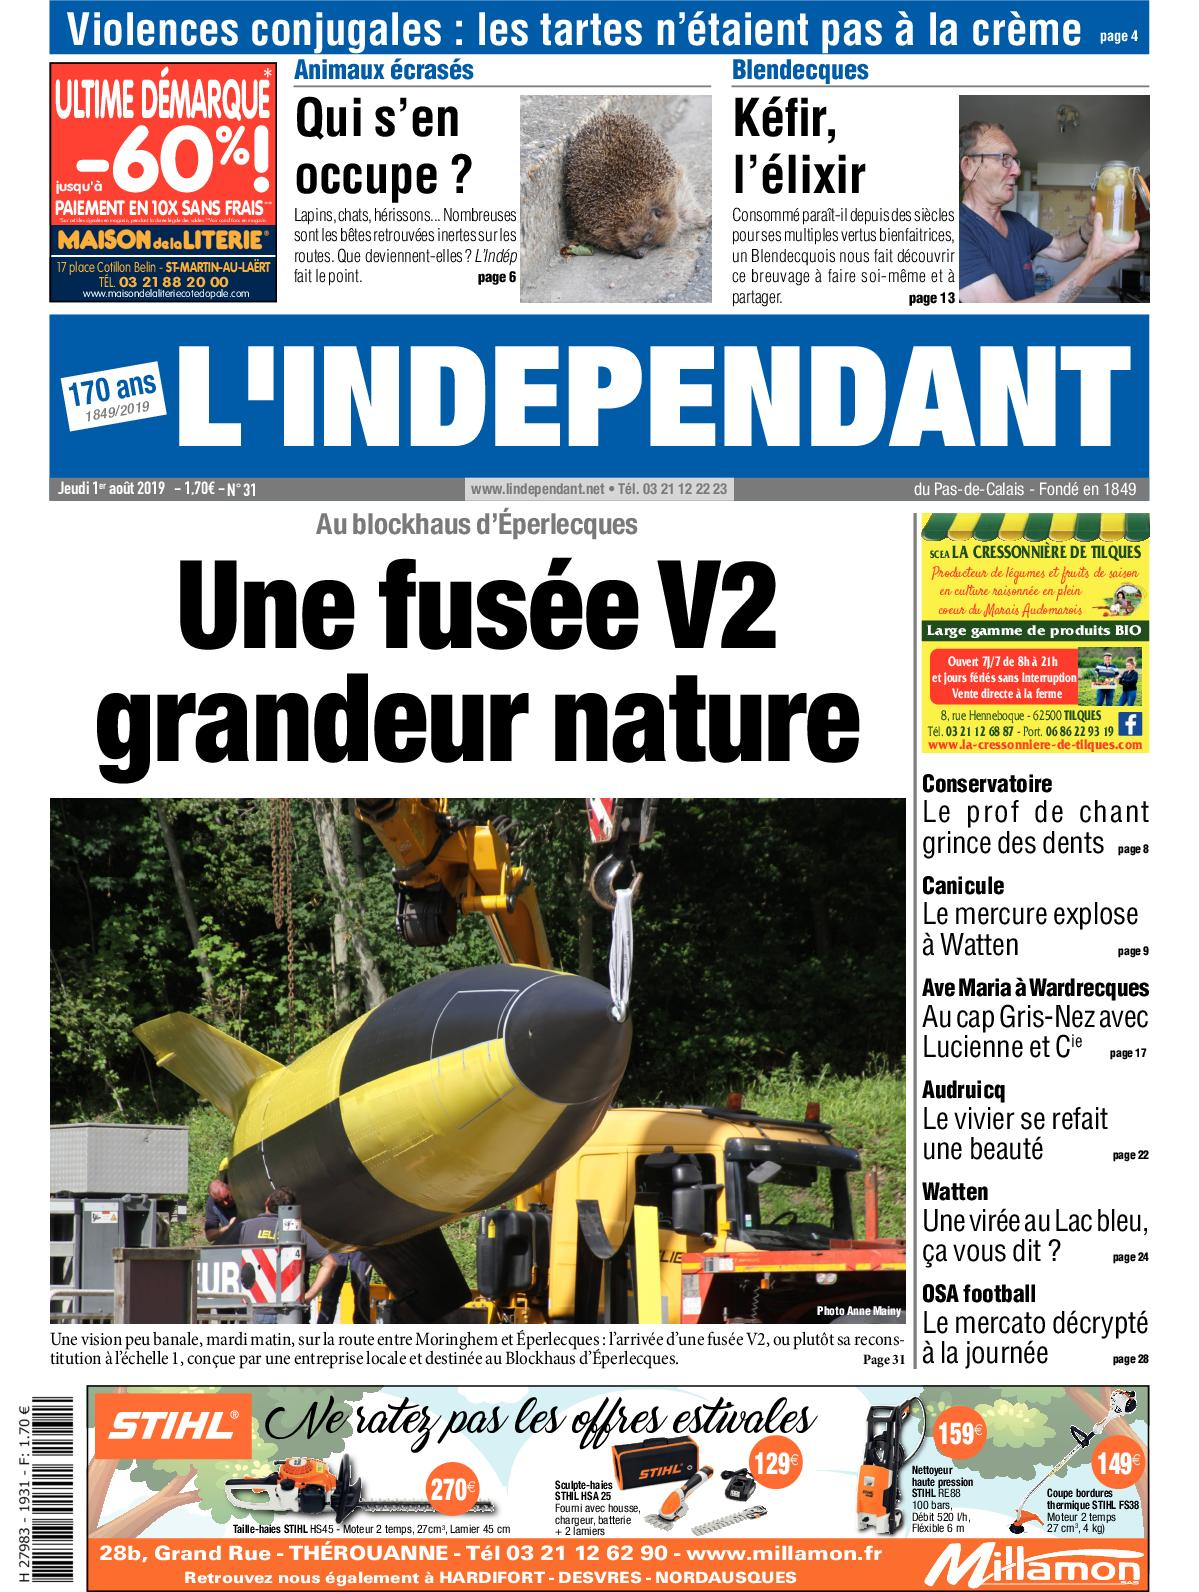 Calaméo Edition Du 8 Août 2019